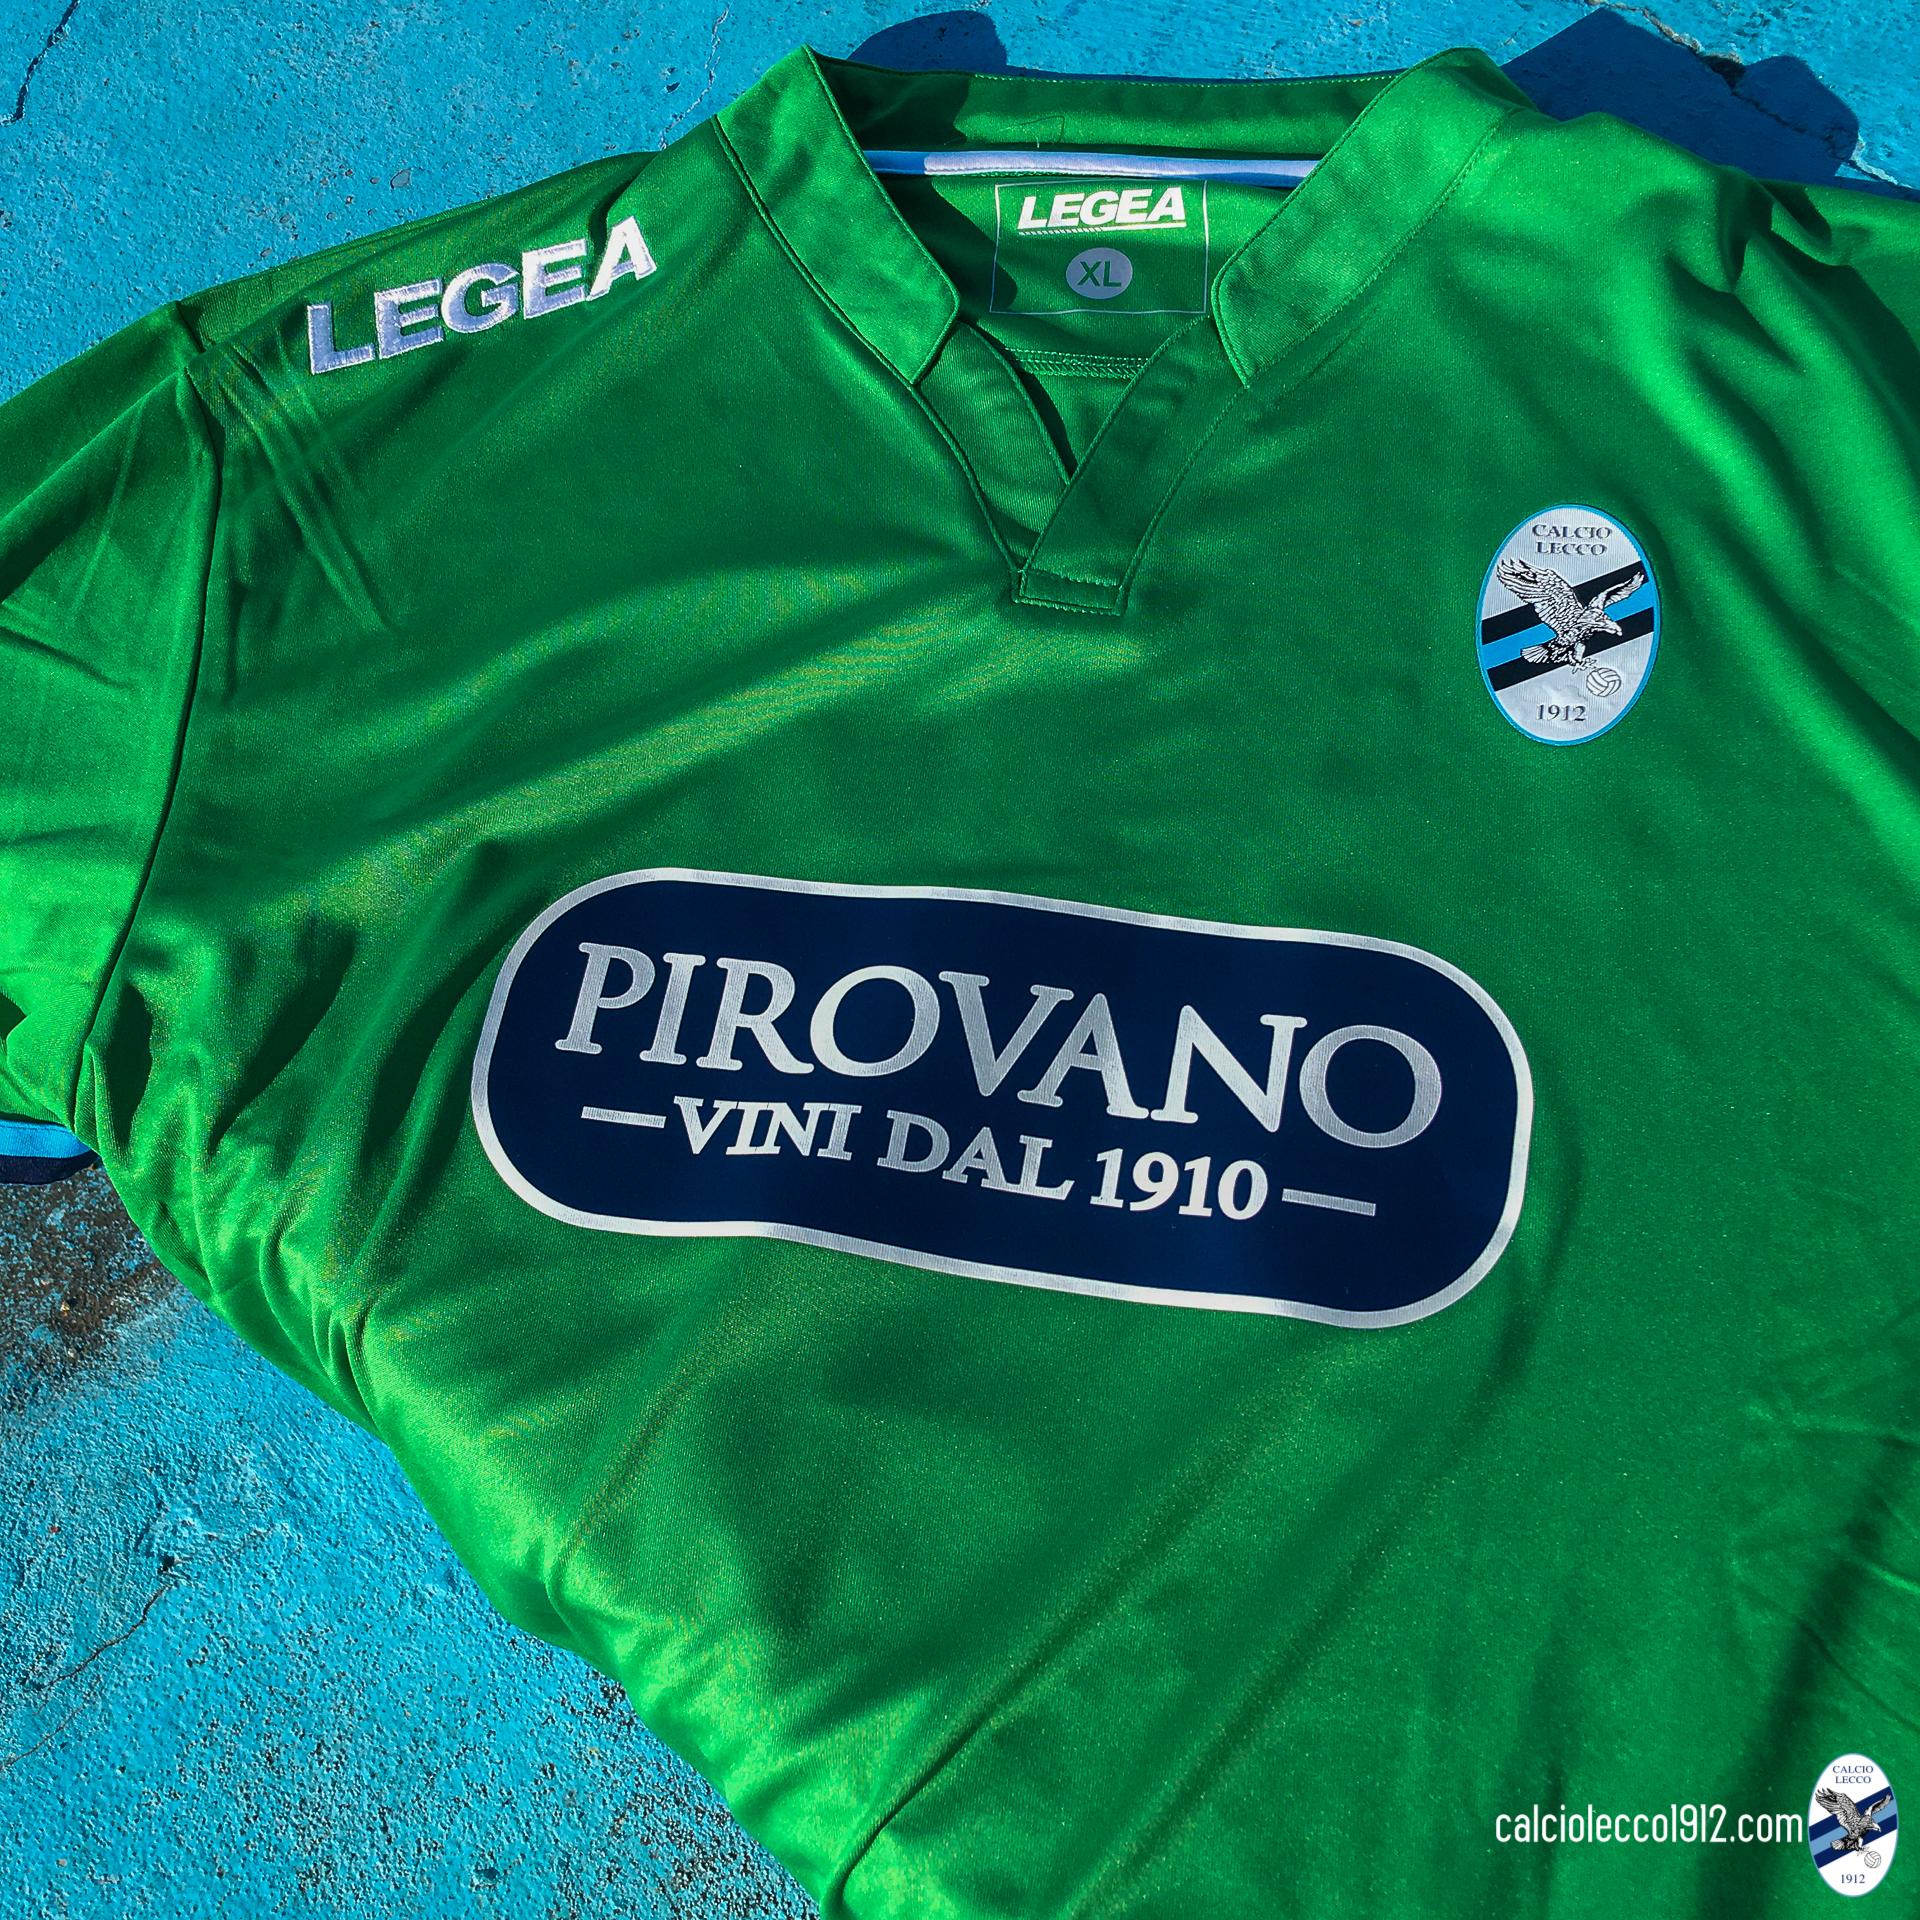 Presentato il quarto kit della Calcio Lecco 1912 firmato Legea